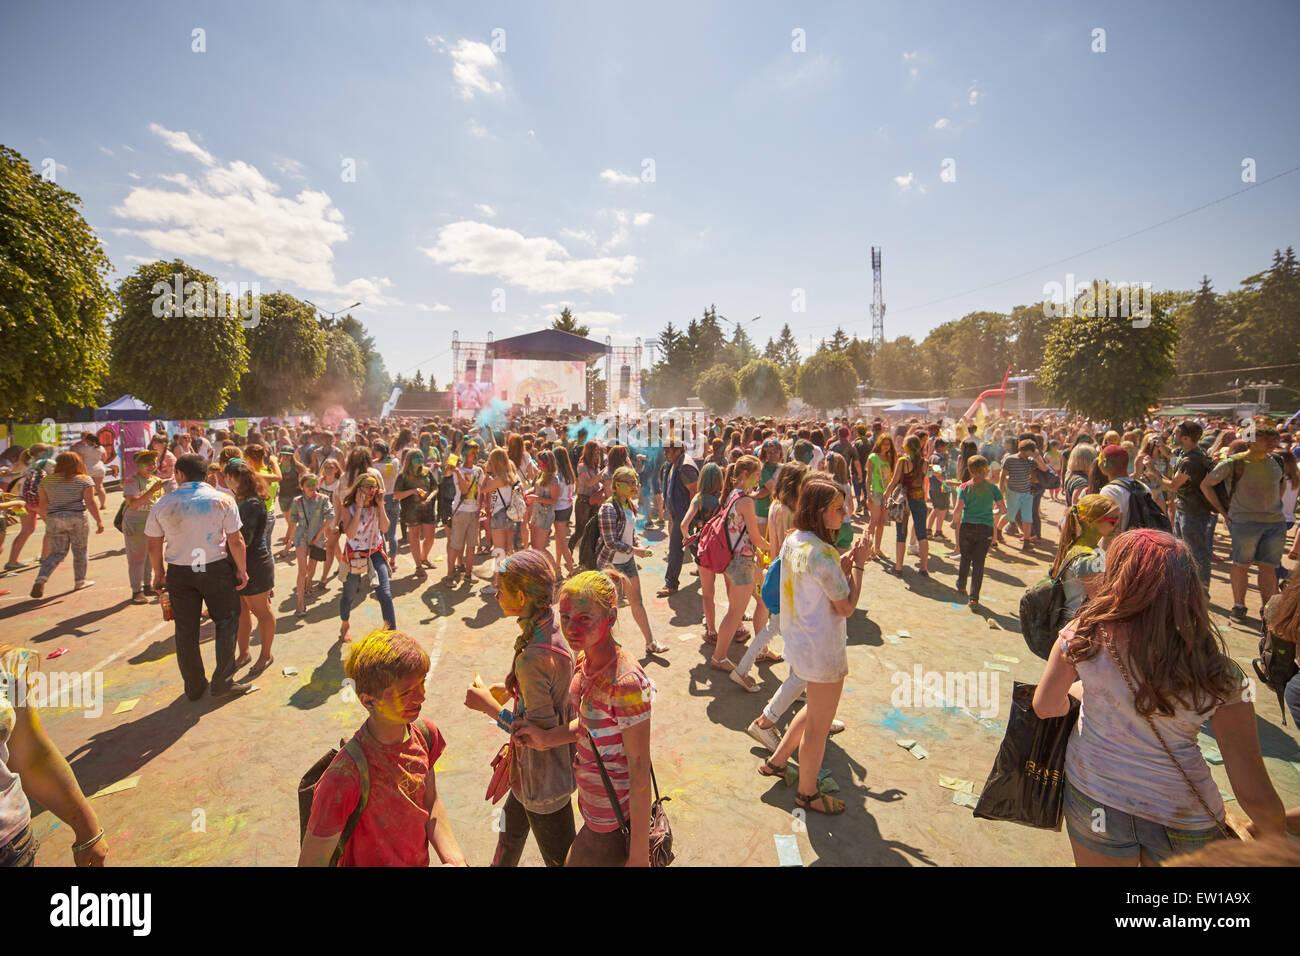 KALININGRAD, RUSSIA - Giugno 12, 2015: Persone con facce dipinte durante la Holi festival dei colori Immagini Stock